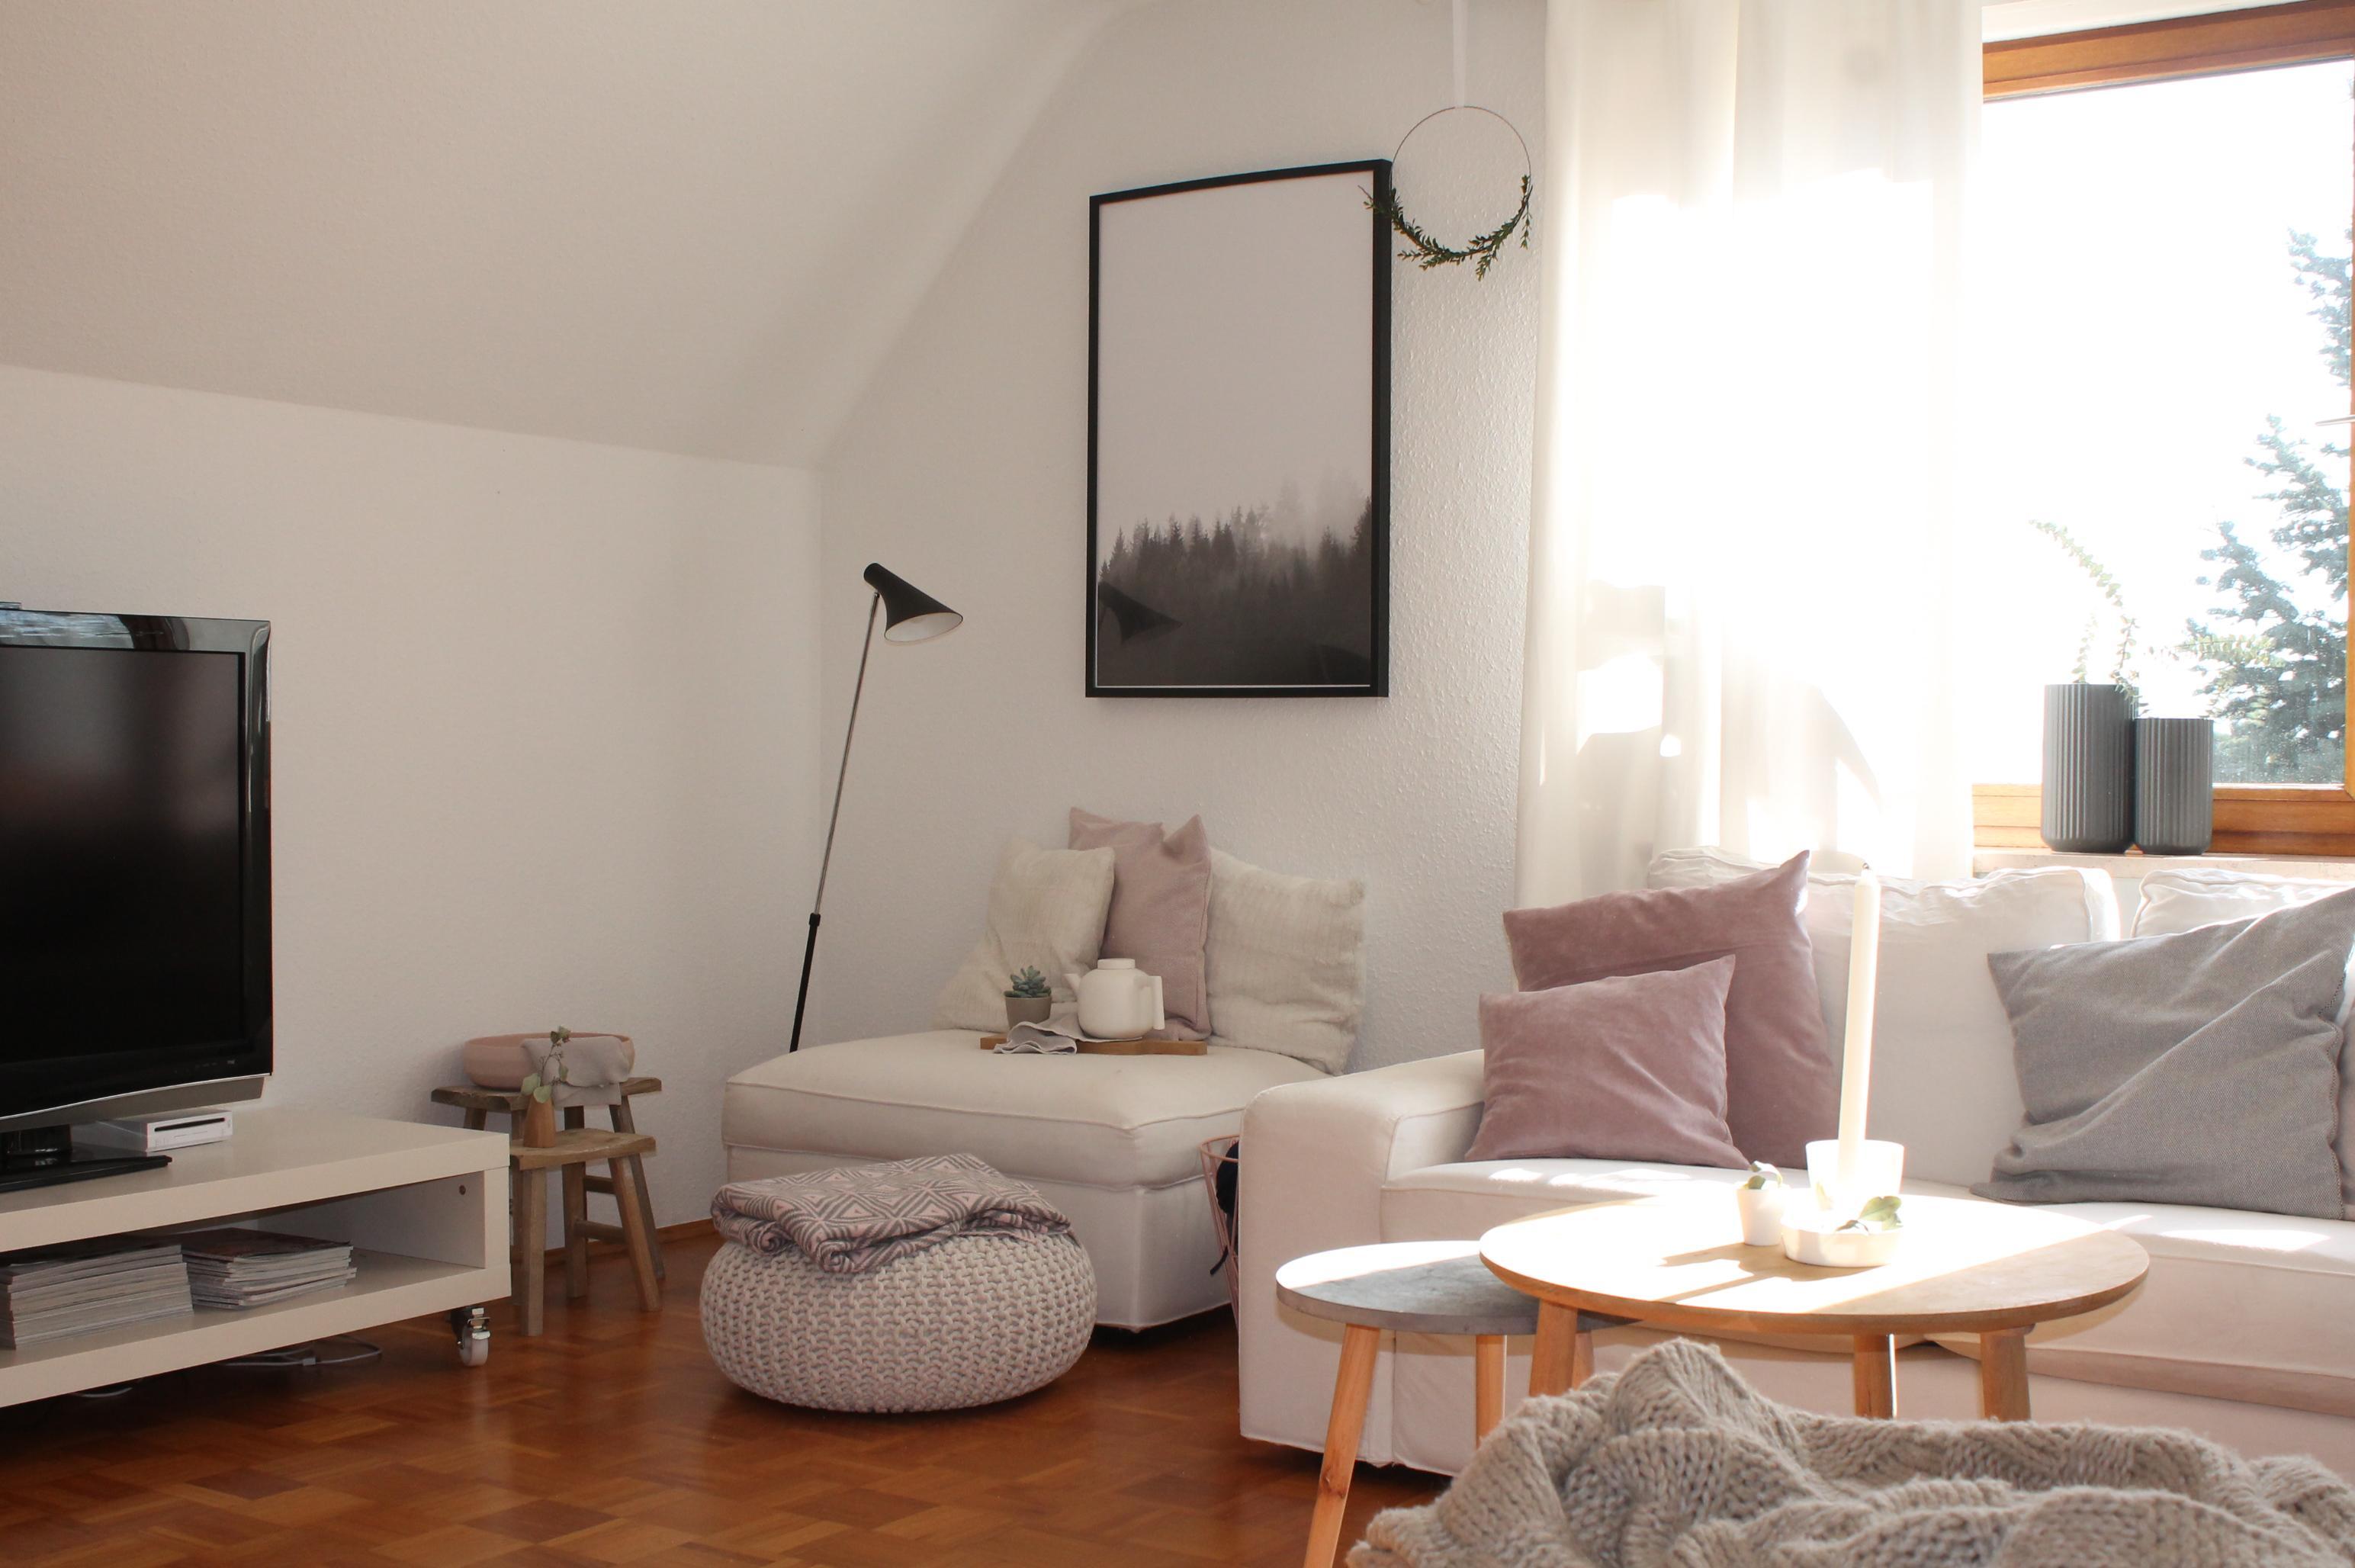 leseecke #holztisch #wohnzimmer #stehlampe #kissen # • couchstyle, Wohnzimmer